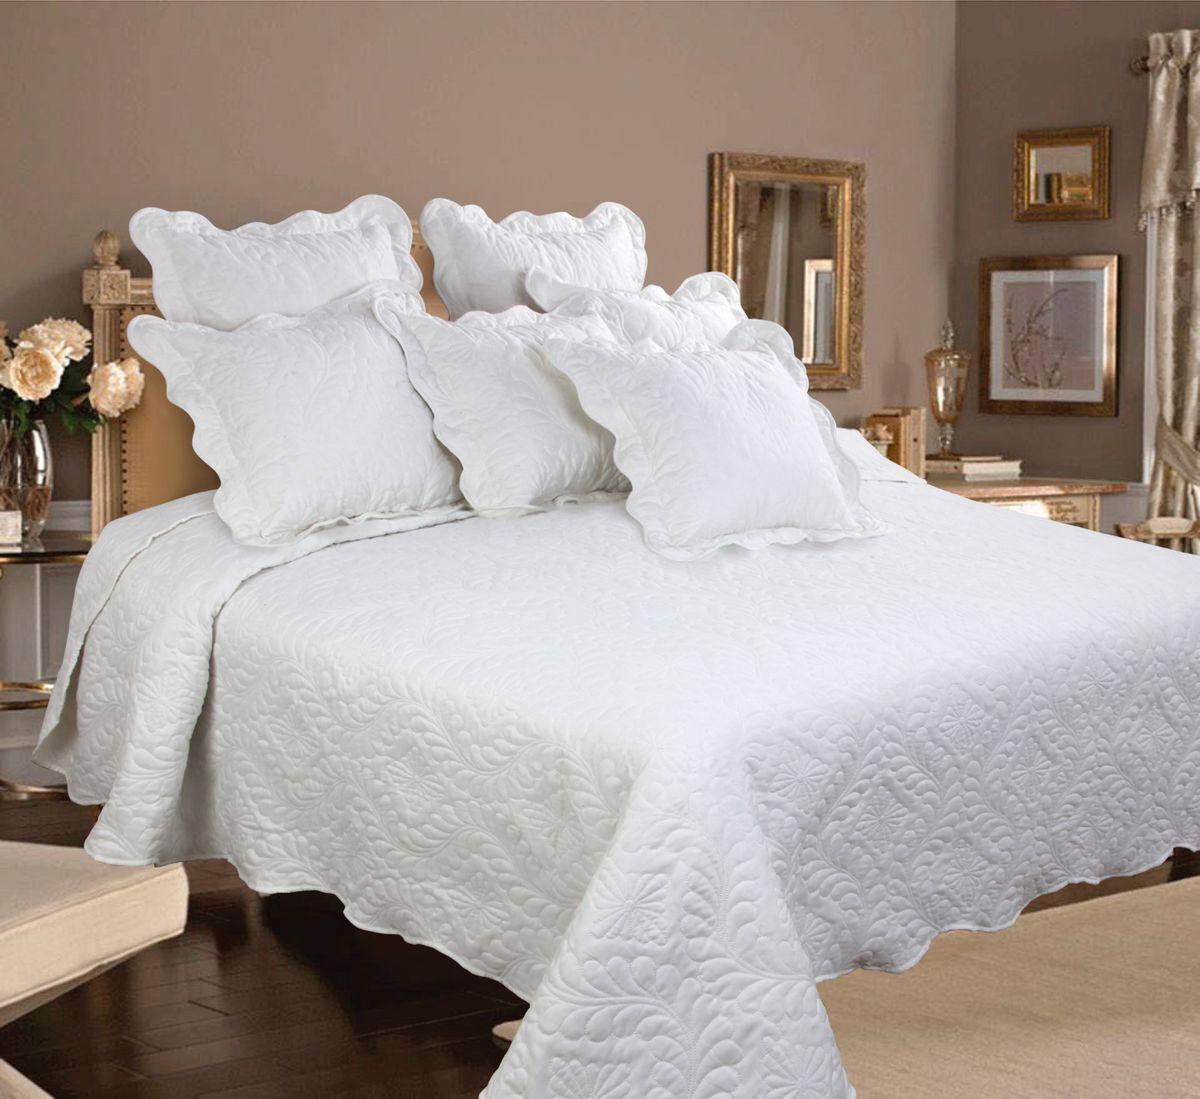 Комплект для спальни Mona Liza Royal White: покрывало 240 см х 260 см, 2 наволочки 40 см х 40 см, цвет: белый540961/01Изысканный комплект для спальни Mona Liza Royal White состоит их стеганого покрывала и двух наволочек. Комплект выполнен из высококачественного полиэстера, оформлен декоративной ниточной стежкой, фигурным низом и обработан кантом. Комплект Mona Liza Royal - это отличный способ придать спальне уют и привнести в интерьер что-то новое. В комплект входит: Покрывало - 1 шт. Размер: 240 см х 260 см. Наволочка - 2 шт. Размер: 40 см х 40 см.